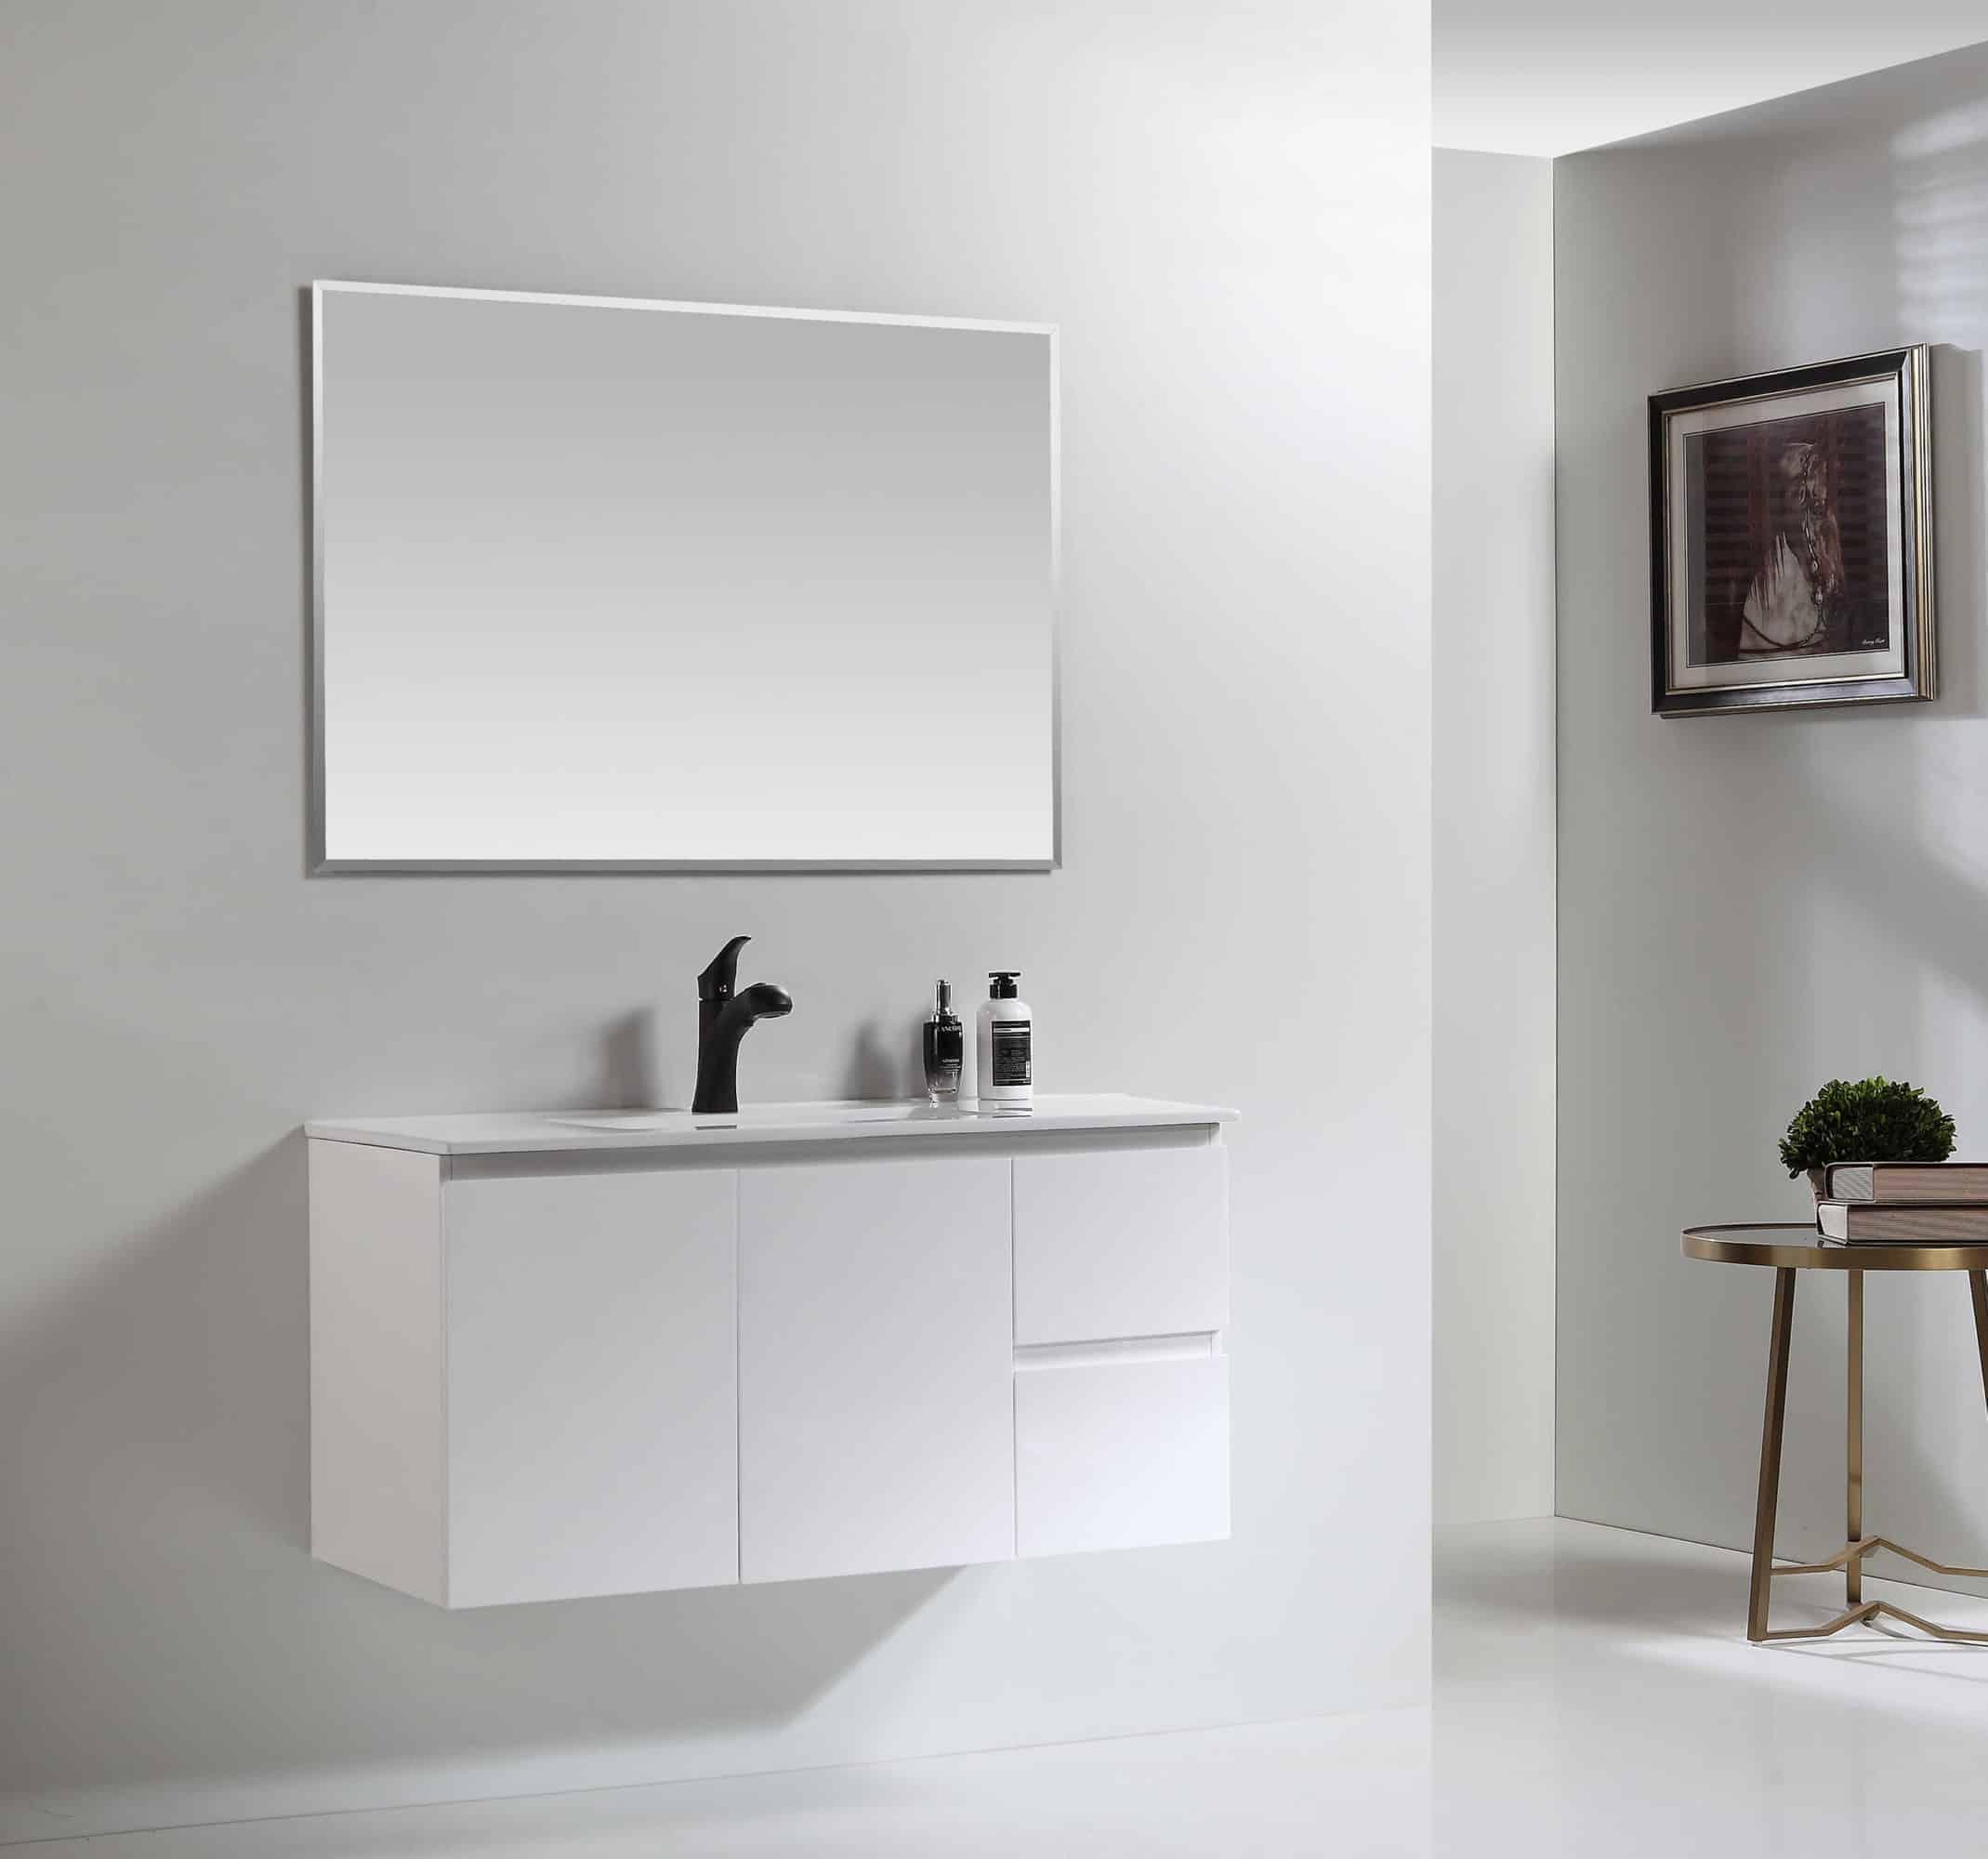 ארון אמבטיה דגם מגנוס